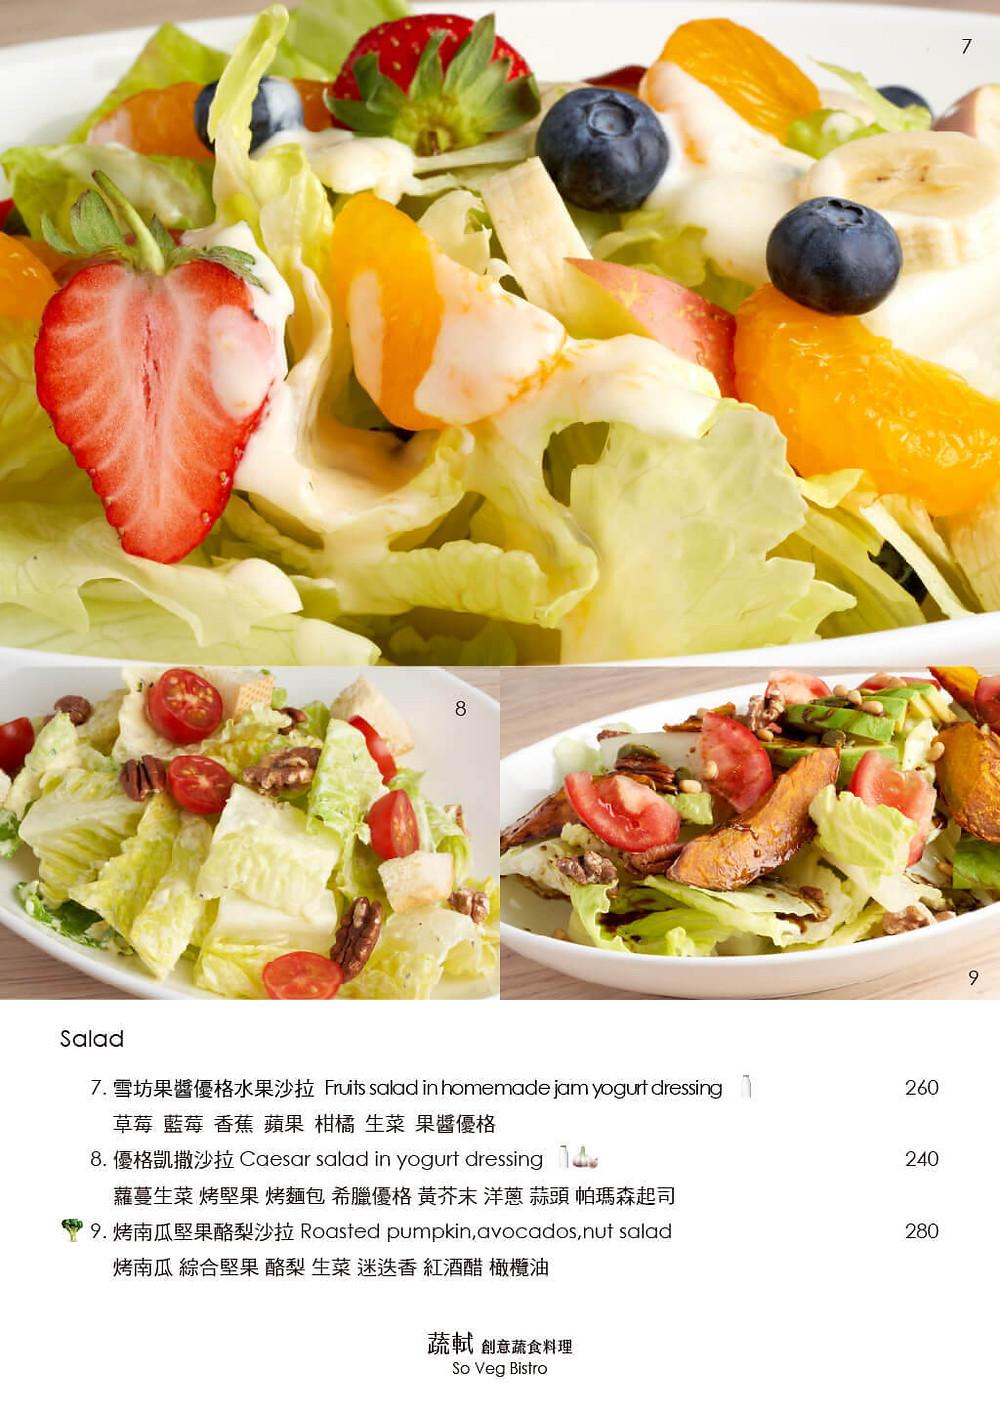 雪坊果醬優格水果沙拉、優格凱撒沙拉、烤南瓜堅果酪梨沙拉 Salad Menu | 蔬軾 創意蔬食料理